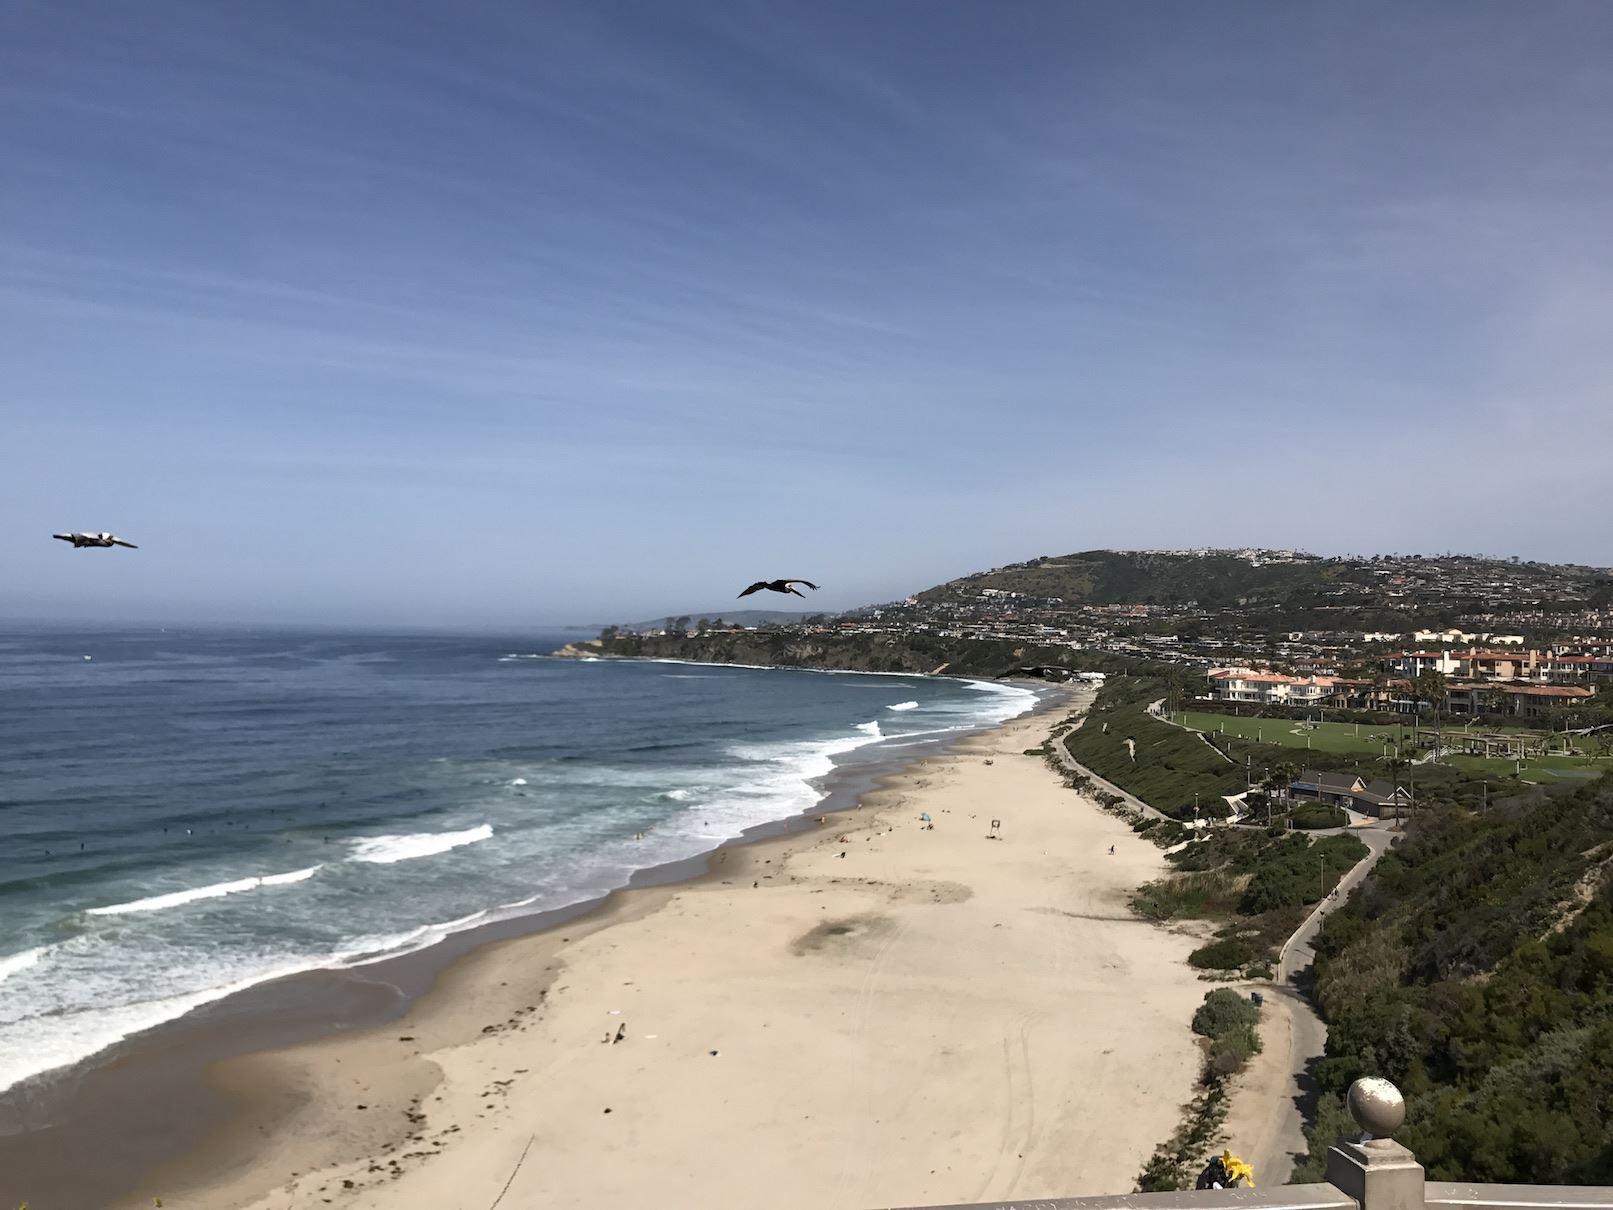 Beach_view_2